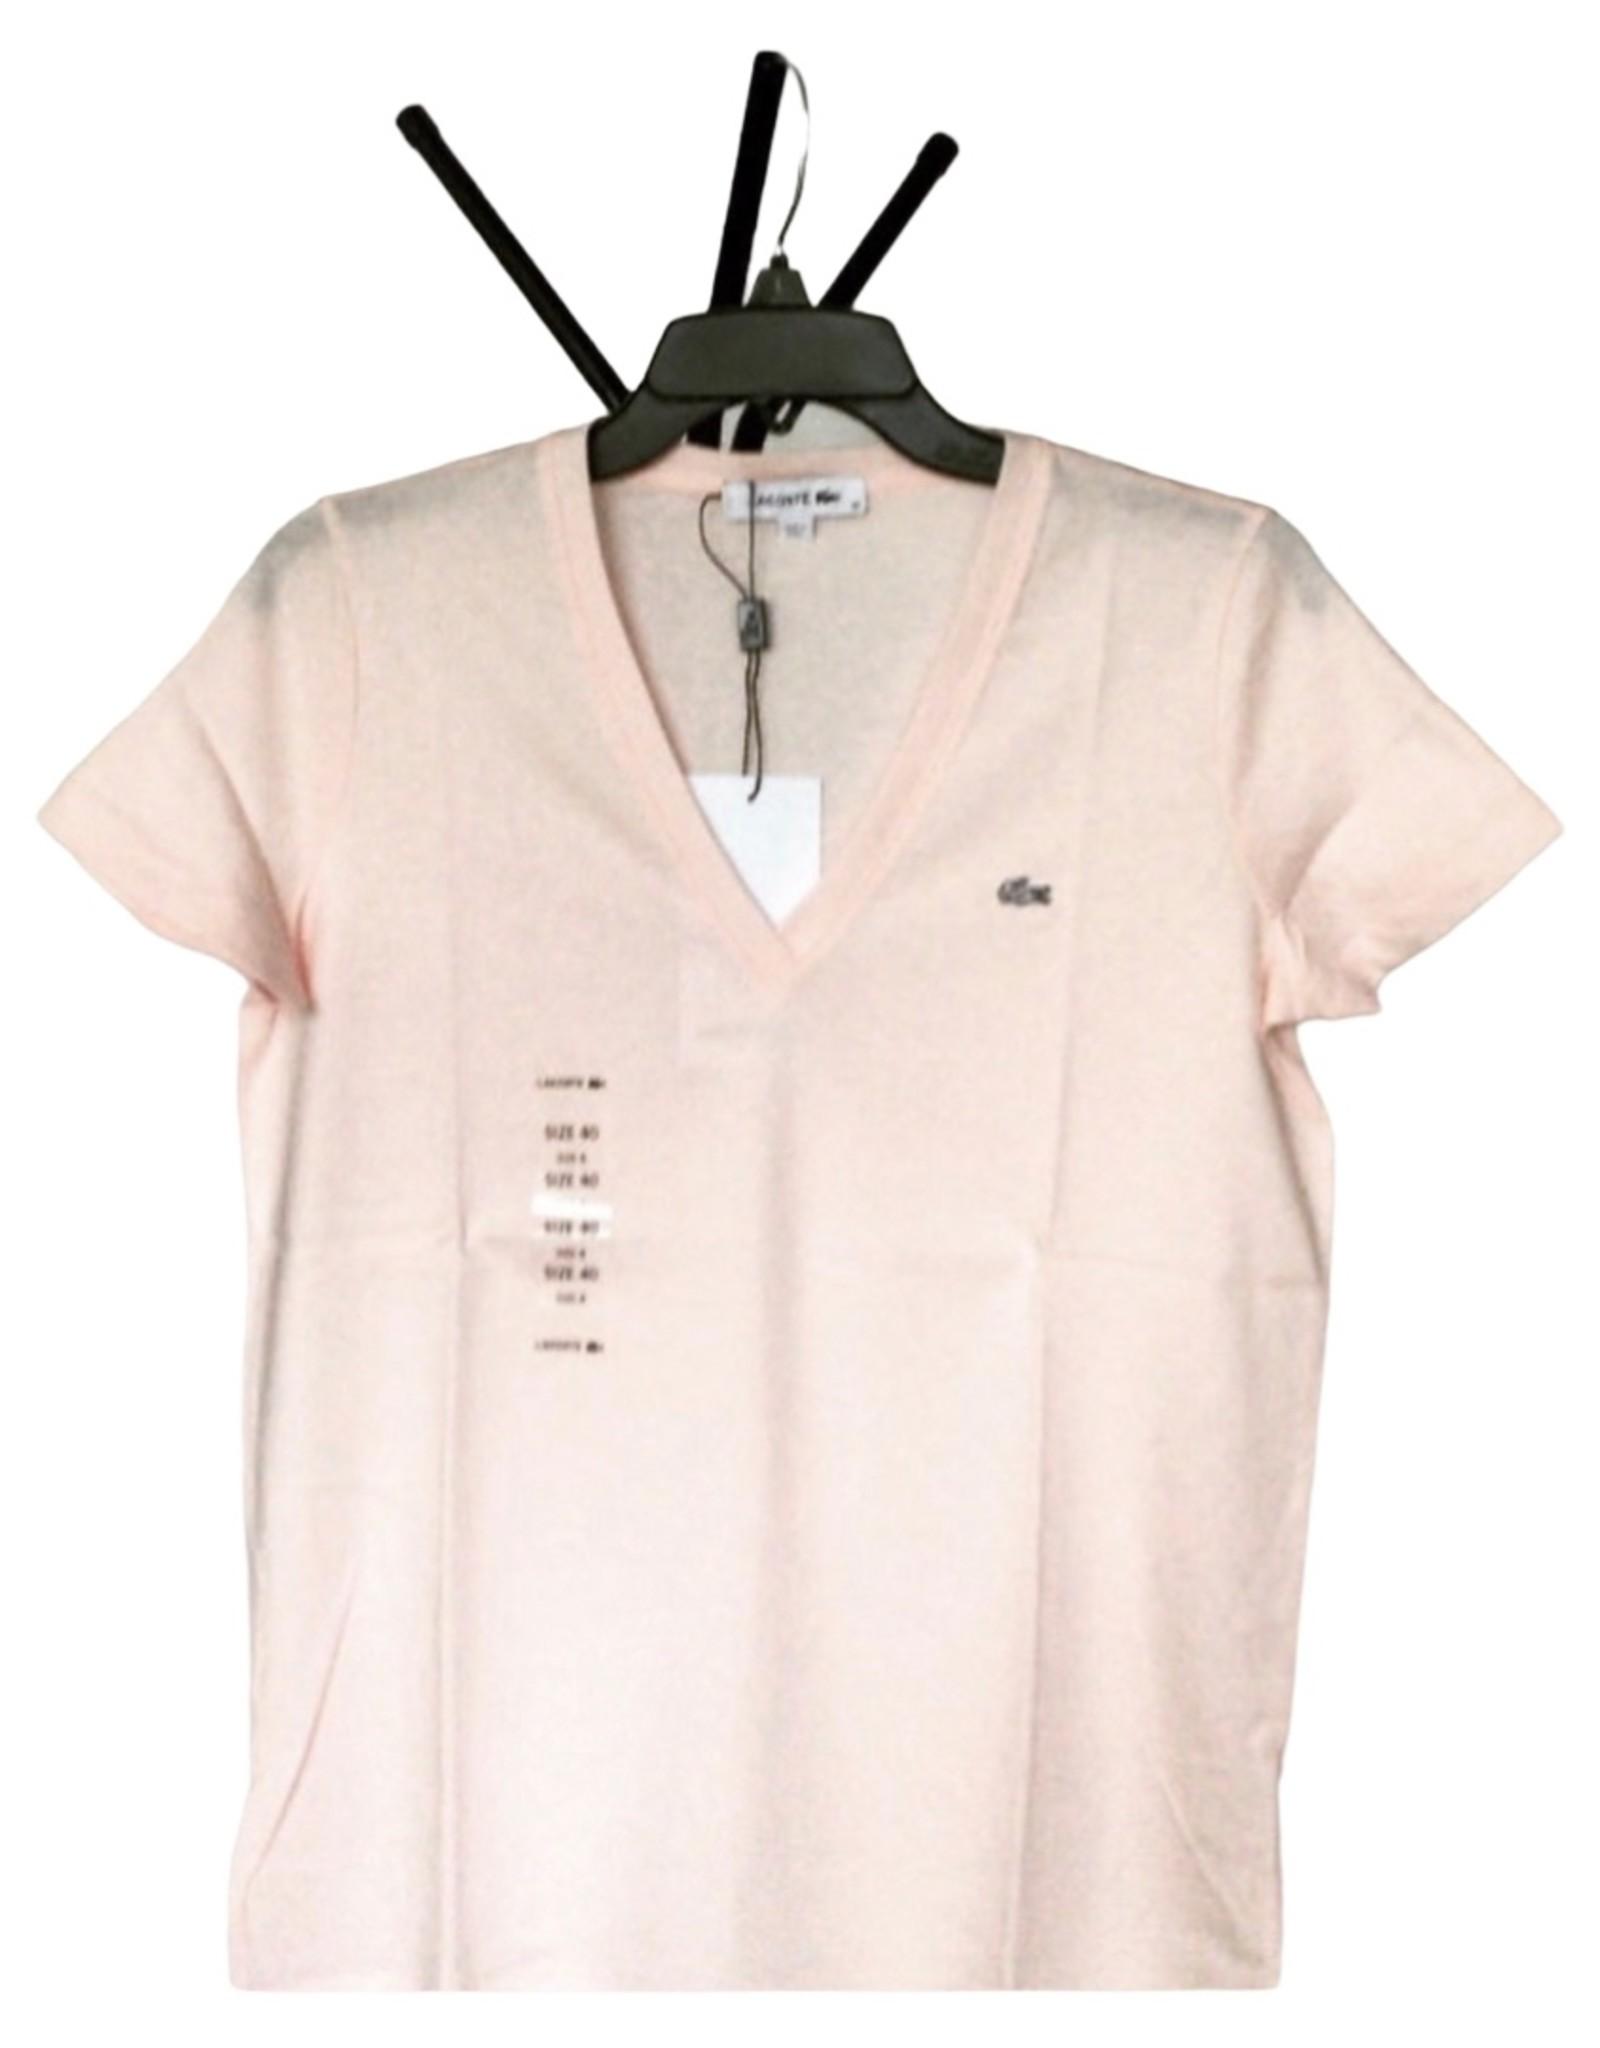 Lacoste Lacoste T-Shirt V-Neck Premium Cotton